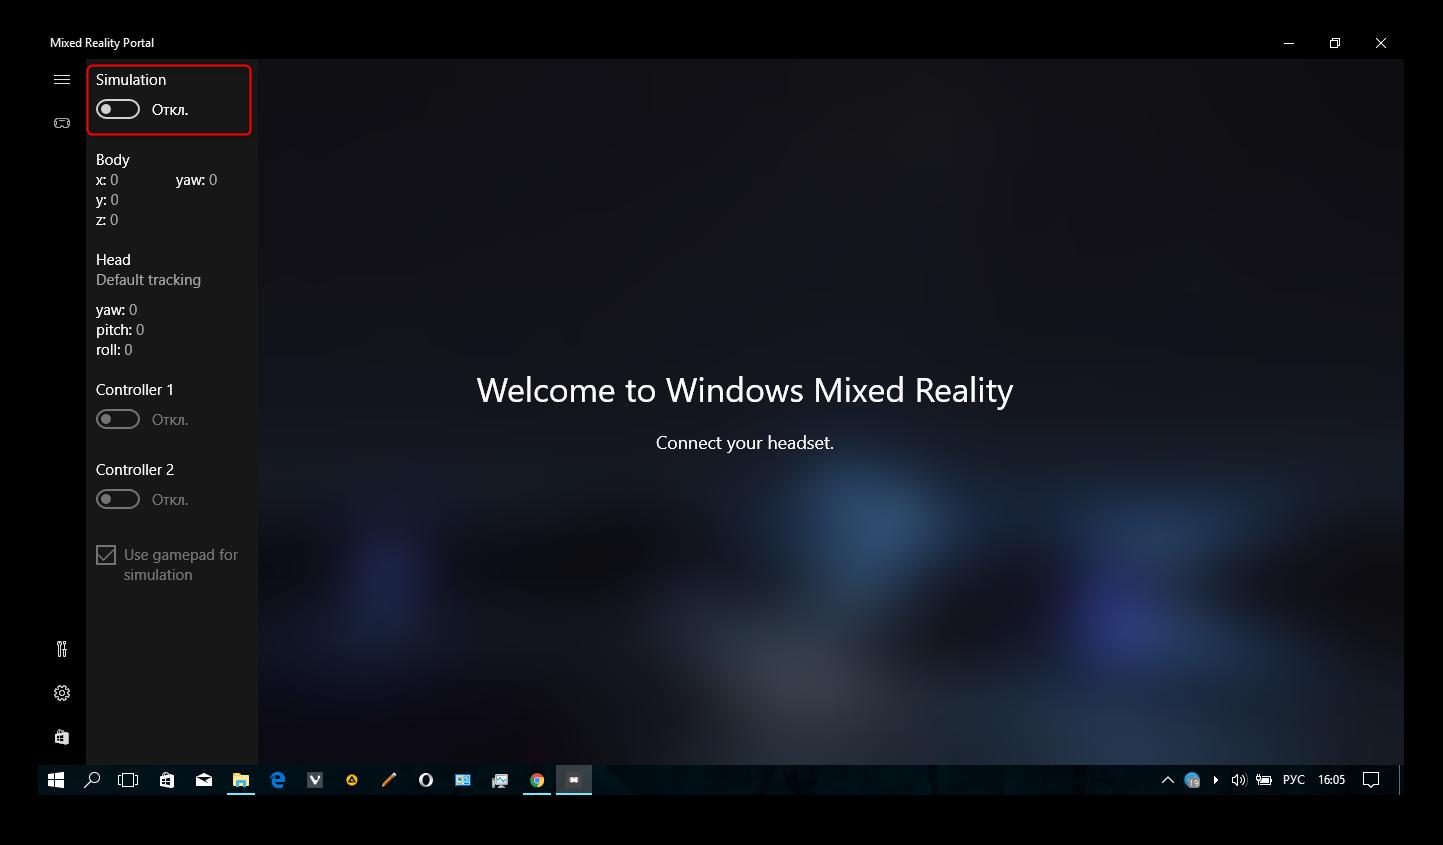 Как активировать функцию Mixed Reality, скрытую в Windows